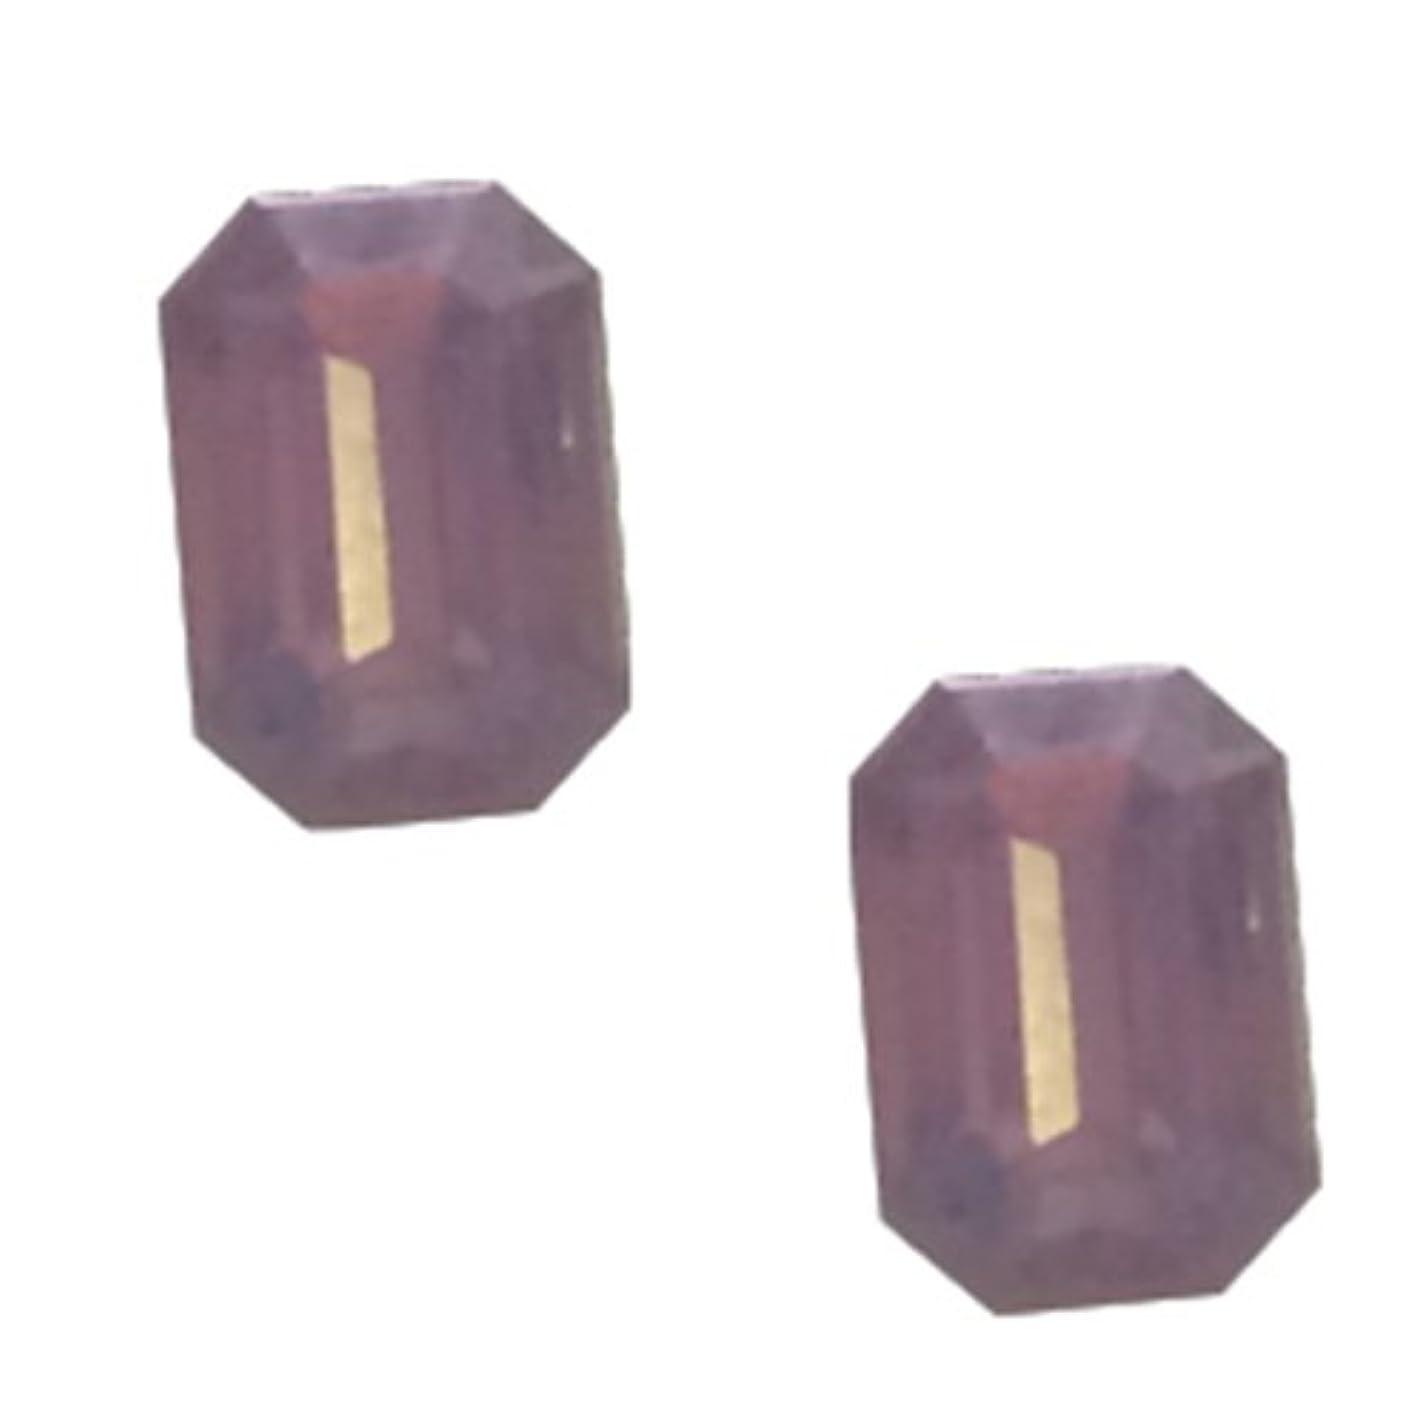 コーン消すPOSH ART ネイルパーツ長方形型 4*6mm 10P ピンクオパール